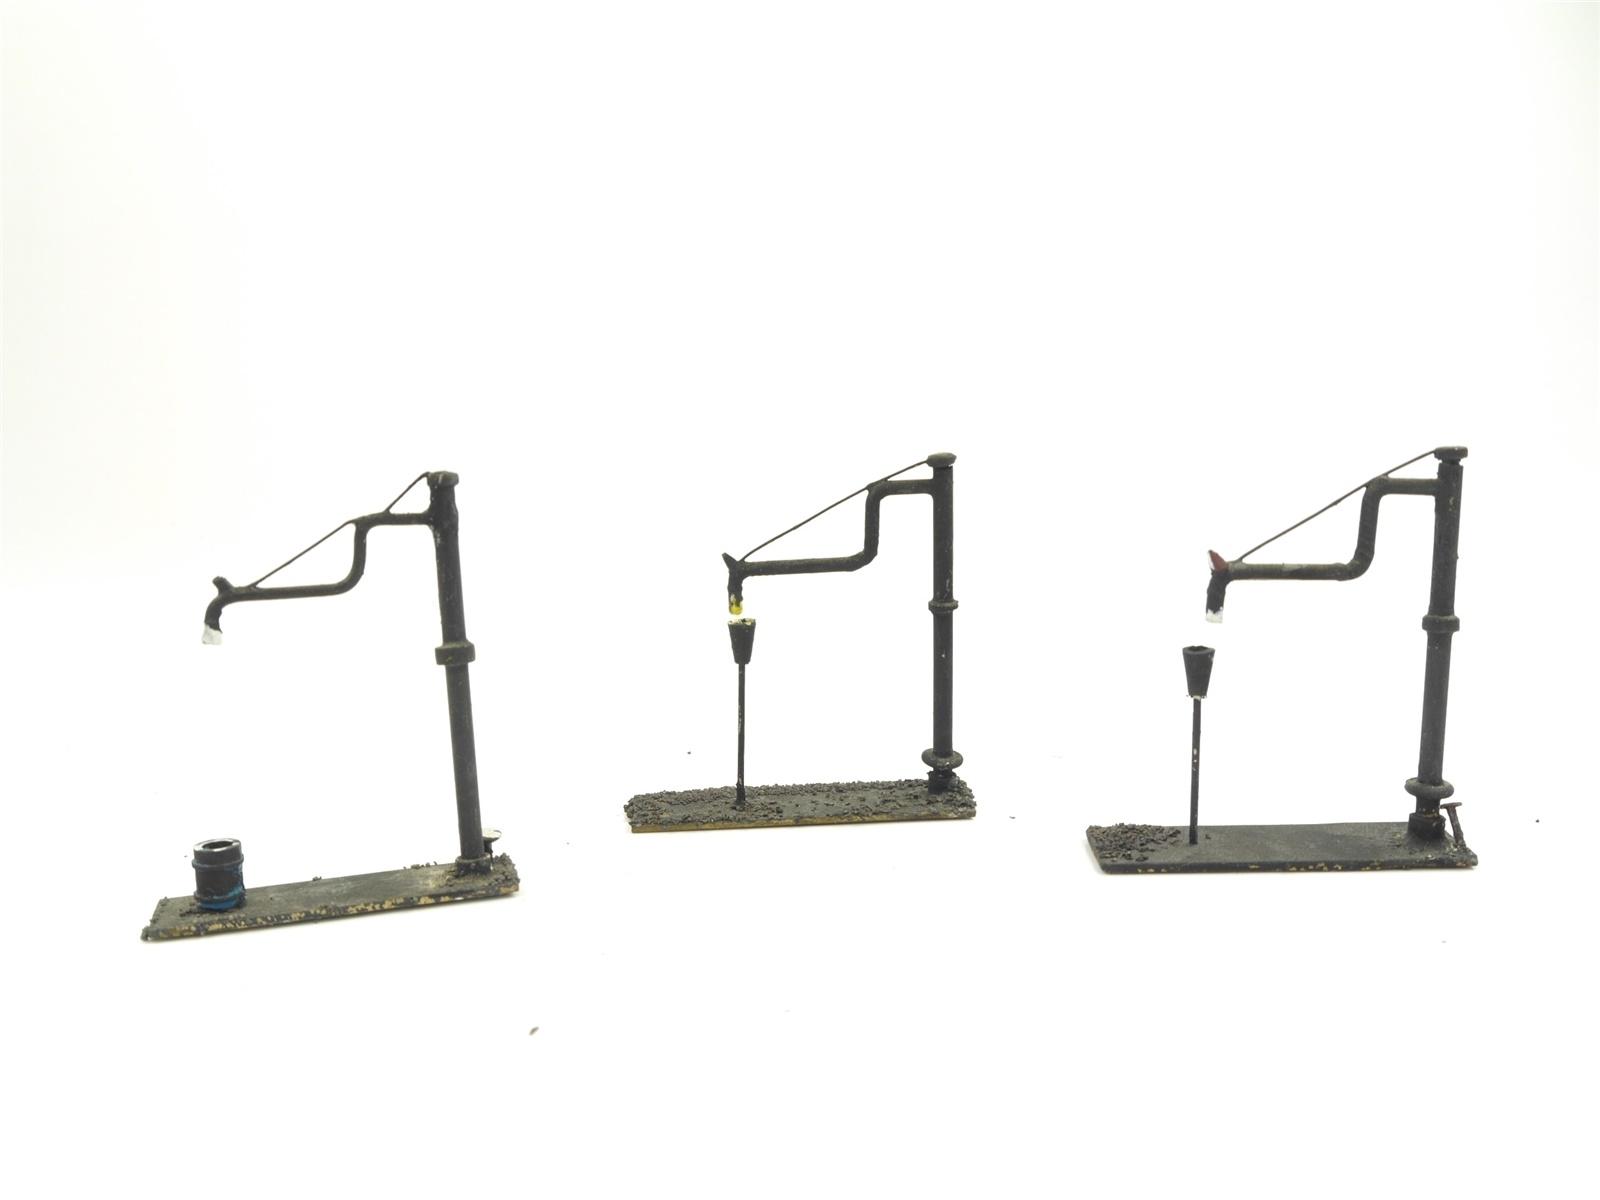 E134 H0 Ausgestaltung Ausschmückung 3x Wasserkran aus Metall